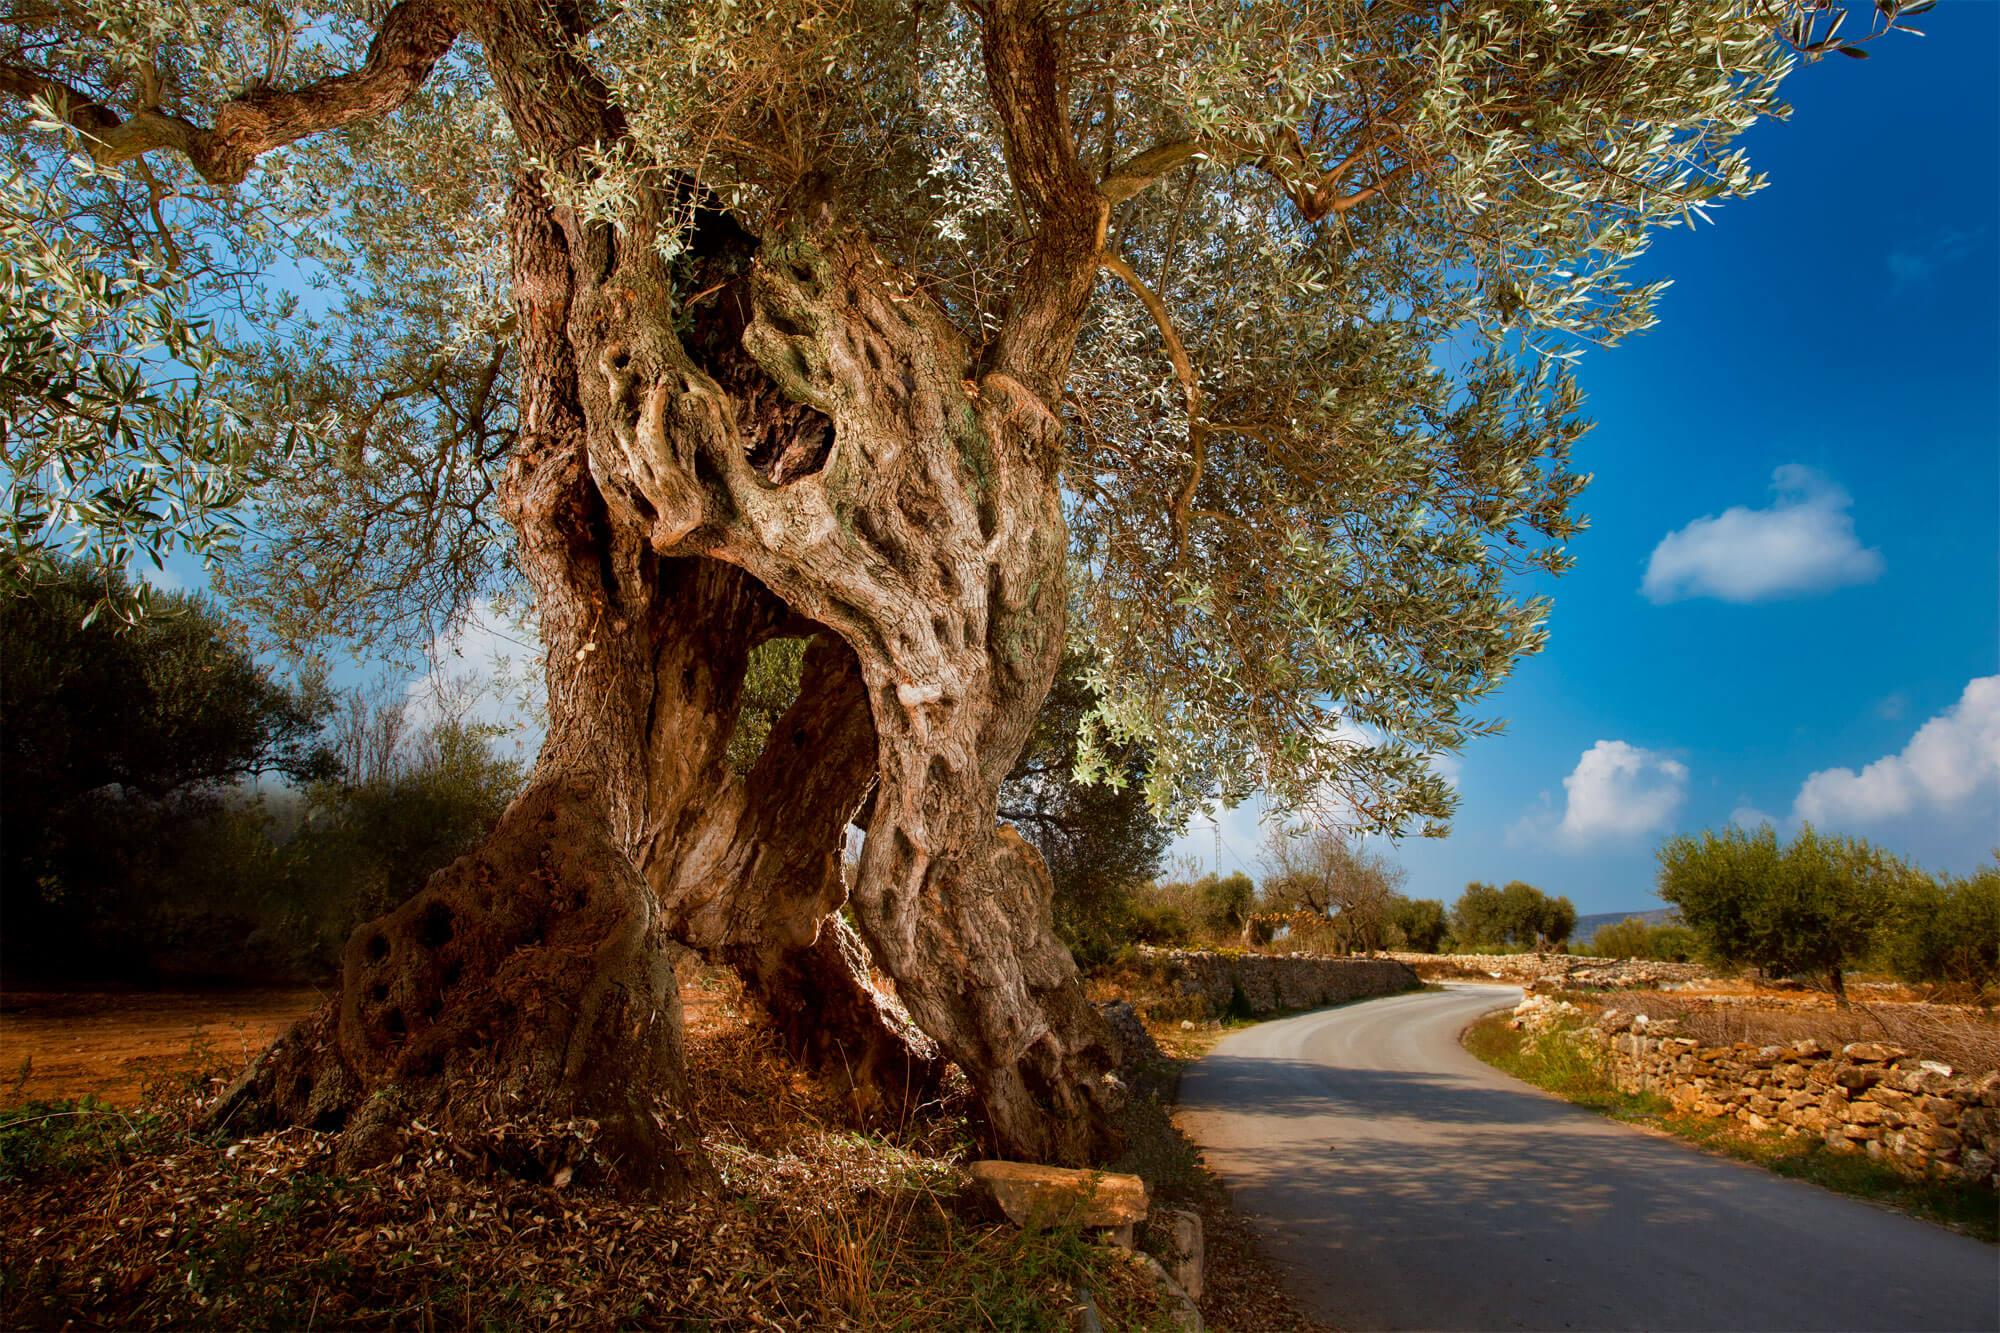 """Dossier sur l'olivier, """"Portrait d'un sage"""" - La Salamandre"""